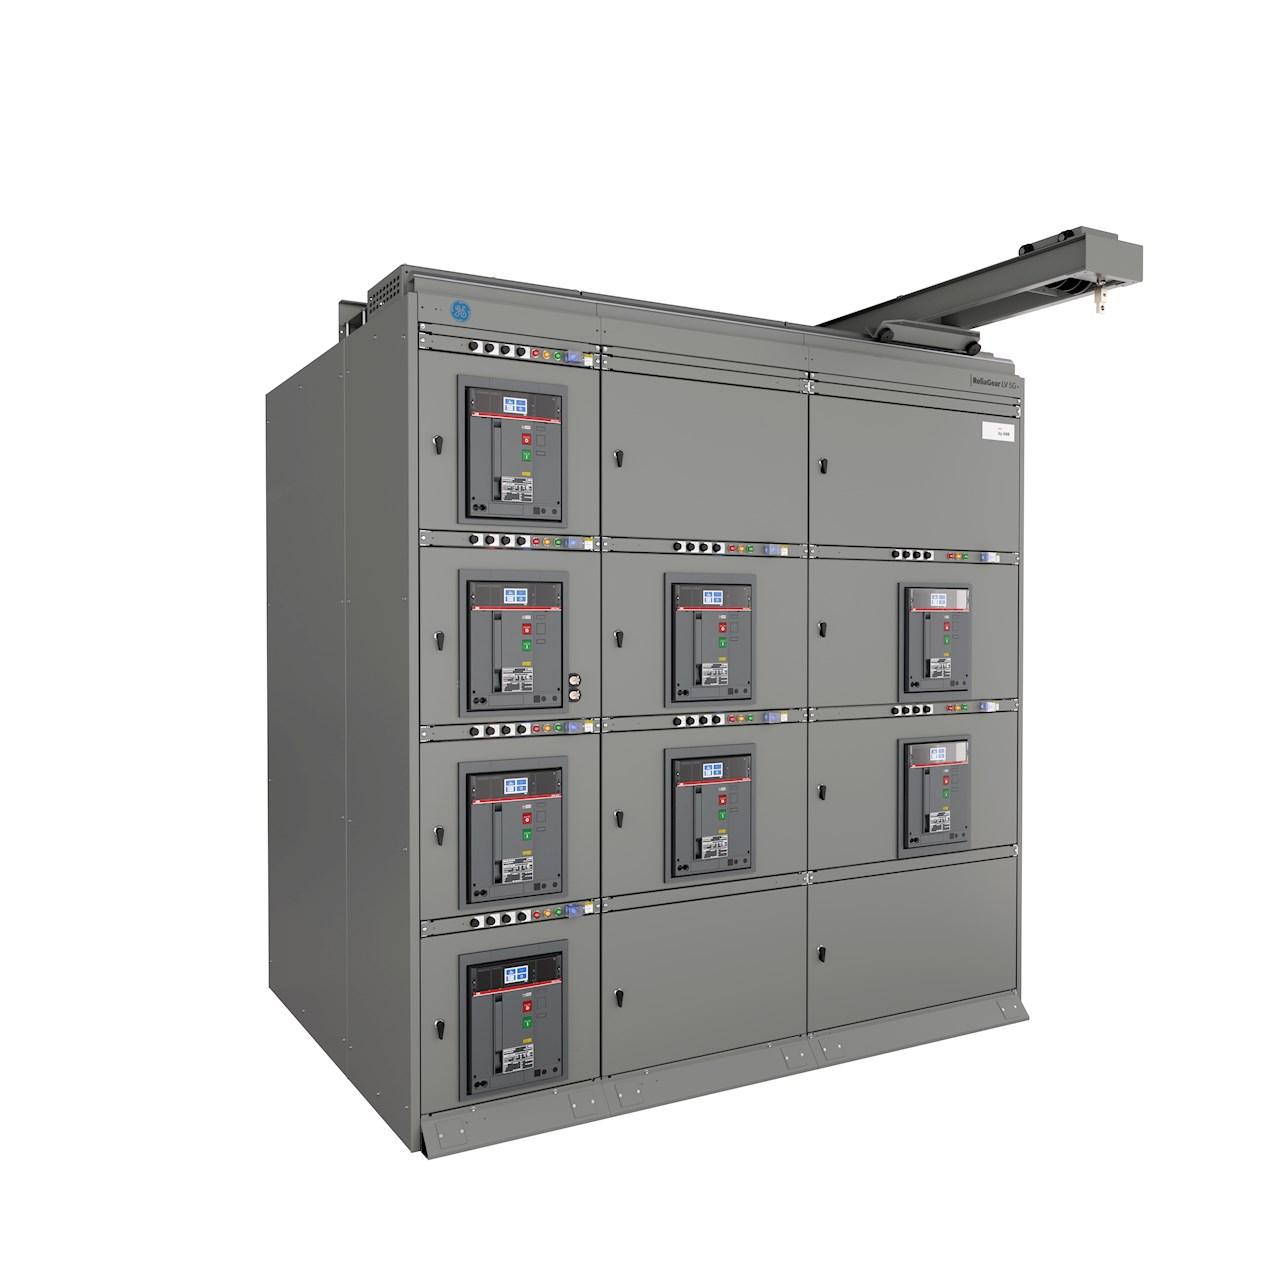 La nouvelle armoire de commutation basse tension ReliaGear® LV SG d'ABB